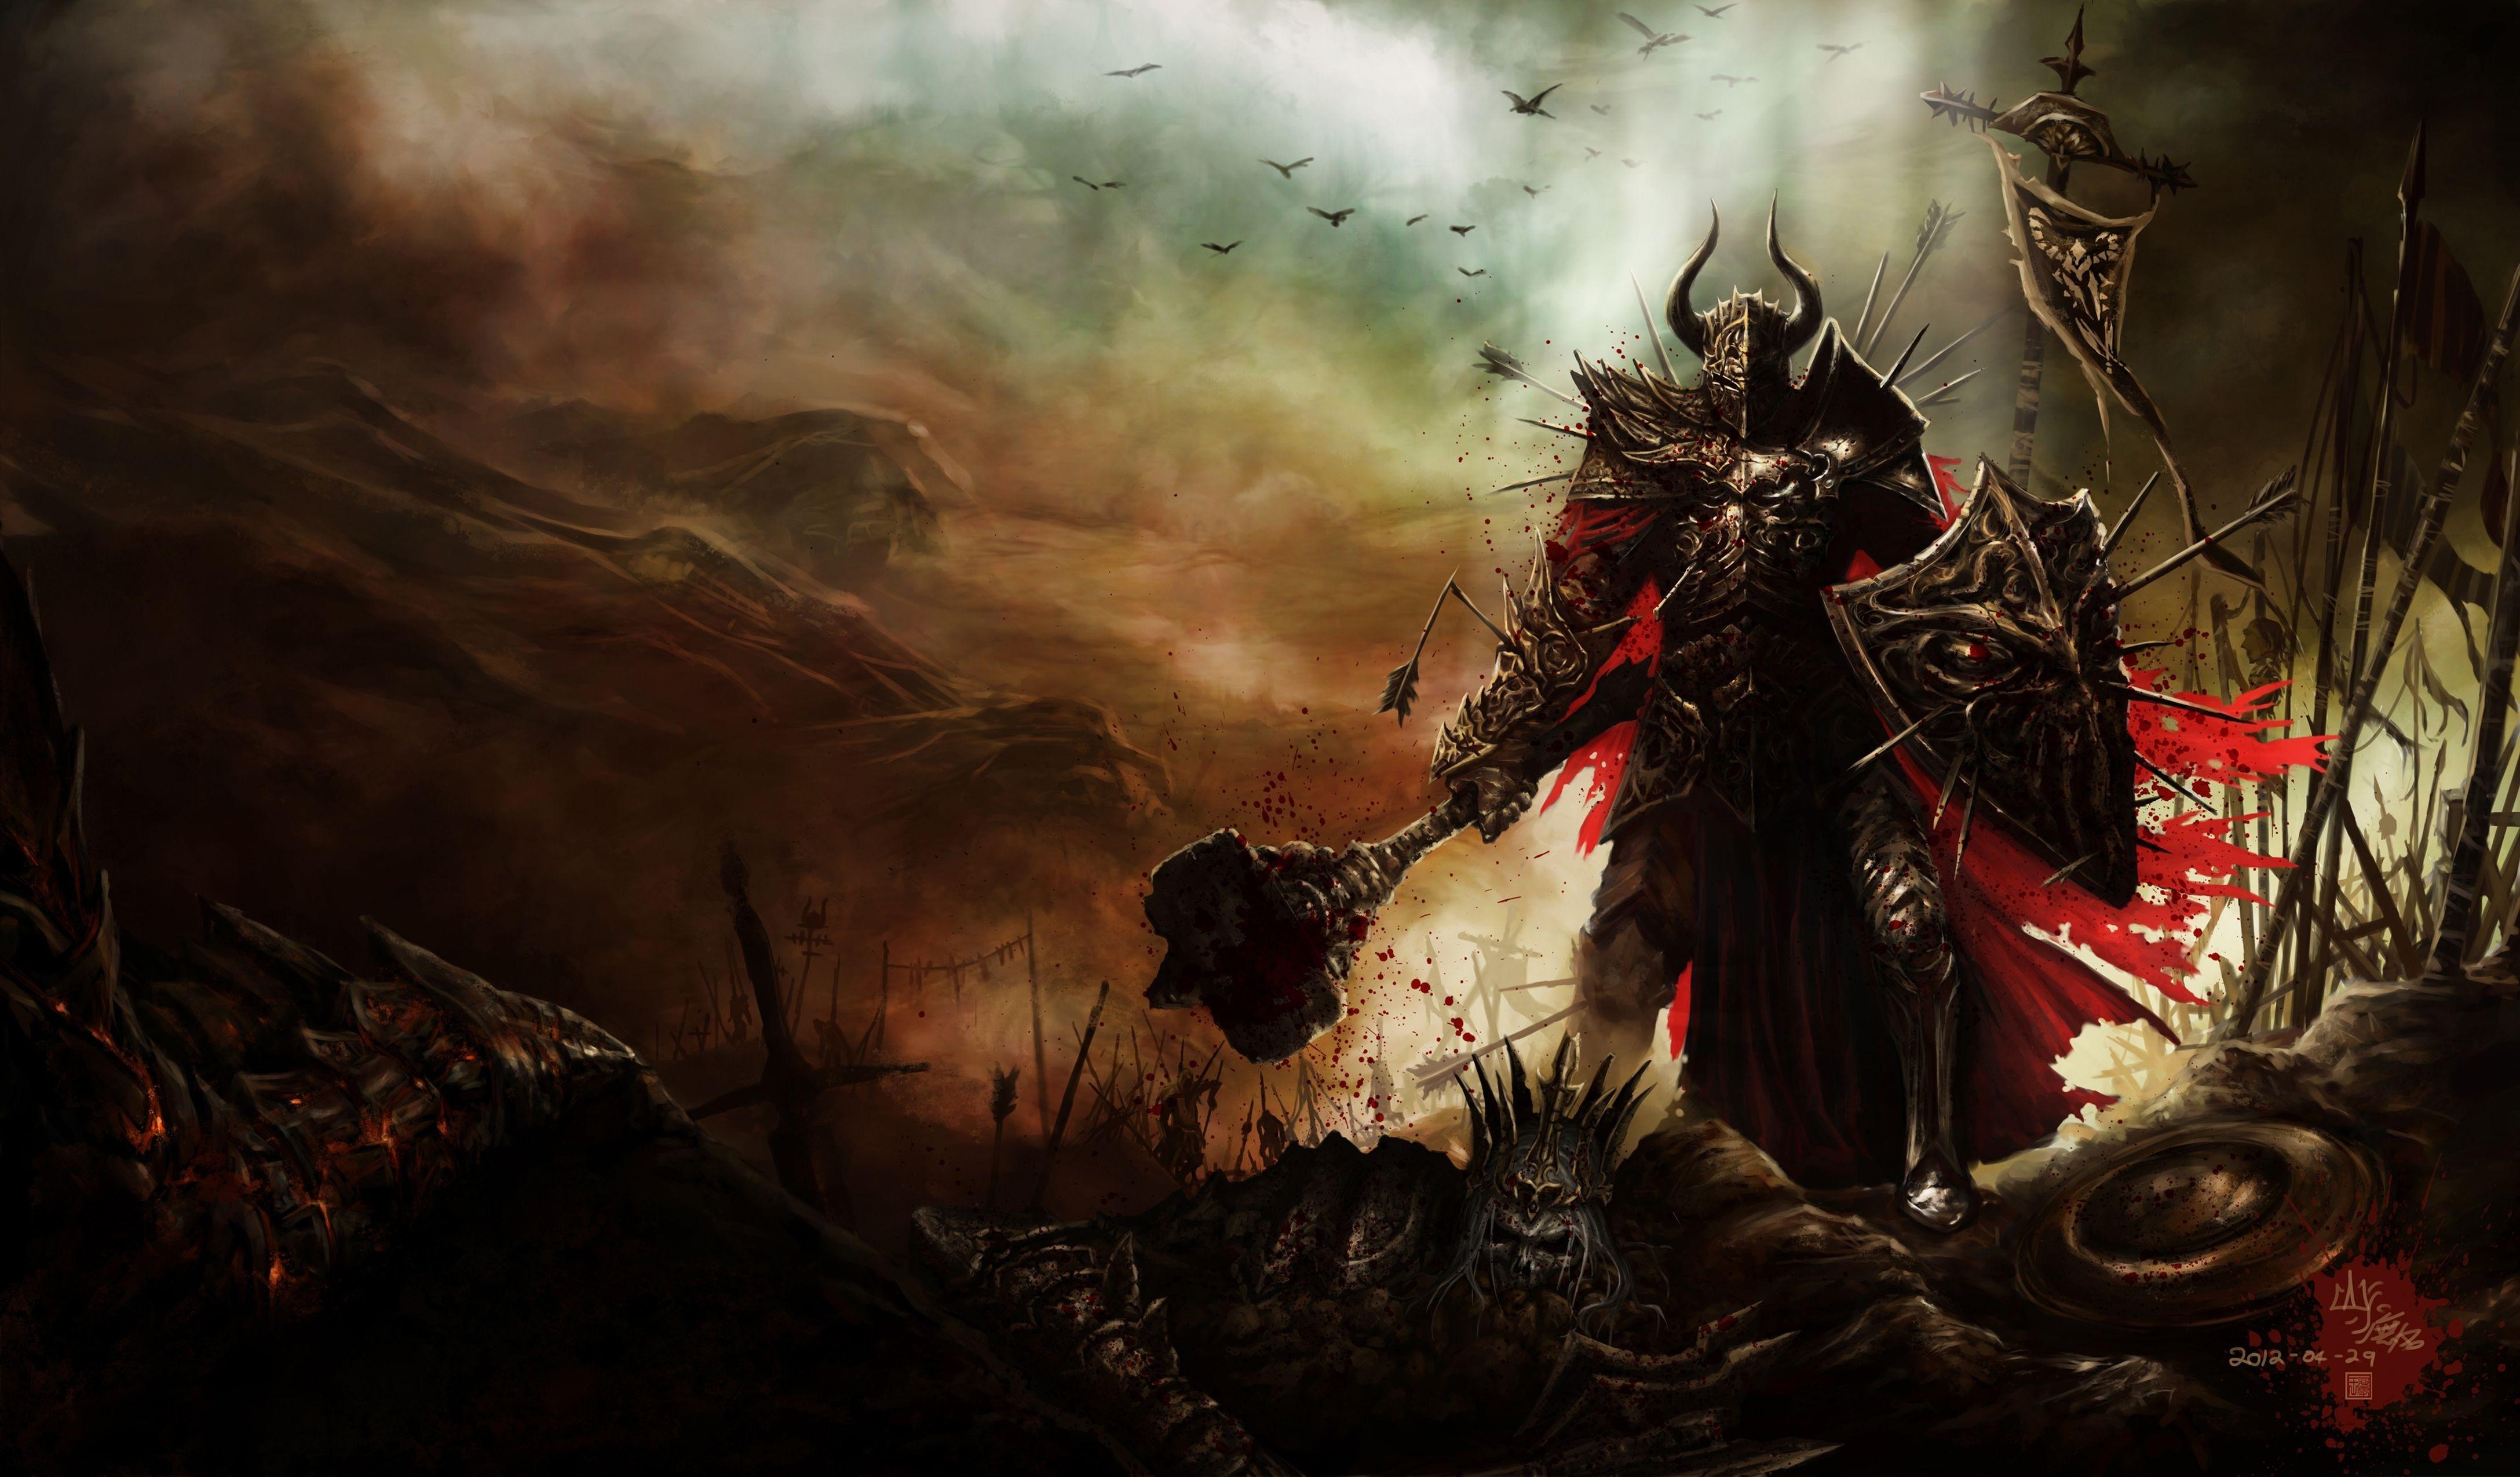 424 Diablo III HD Wallpapers | Backgrounds - Wallpaper Abyss